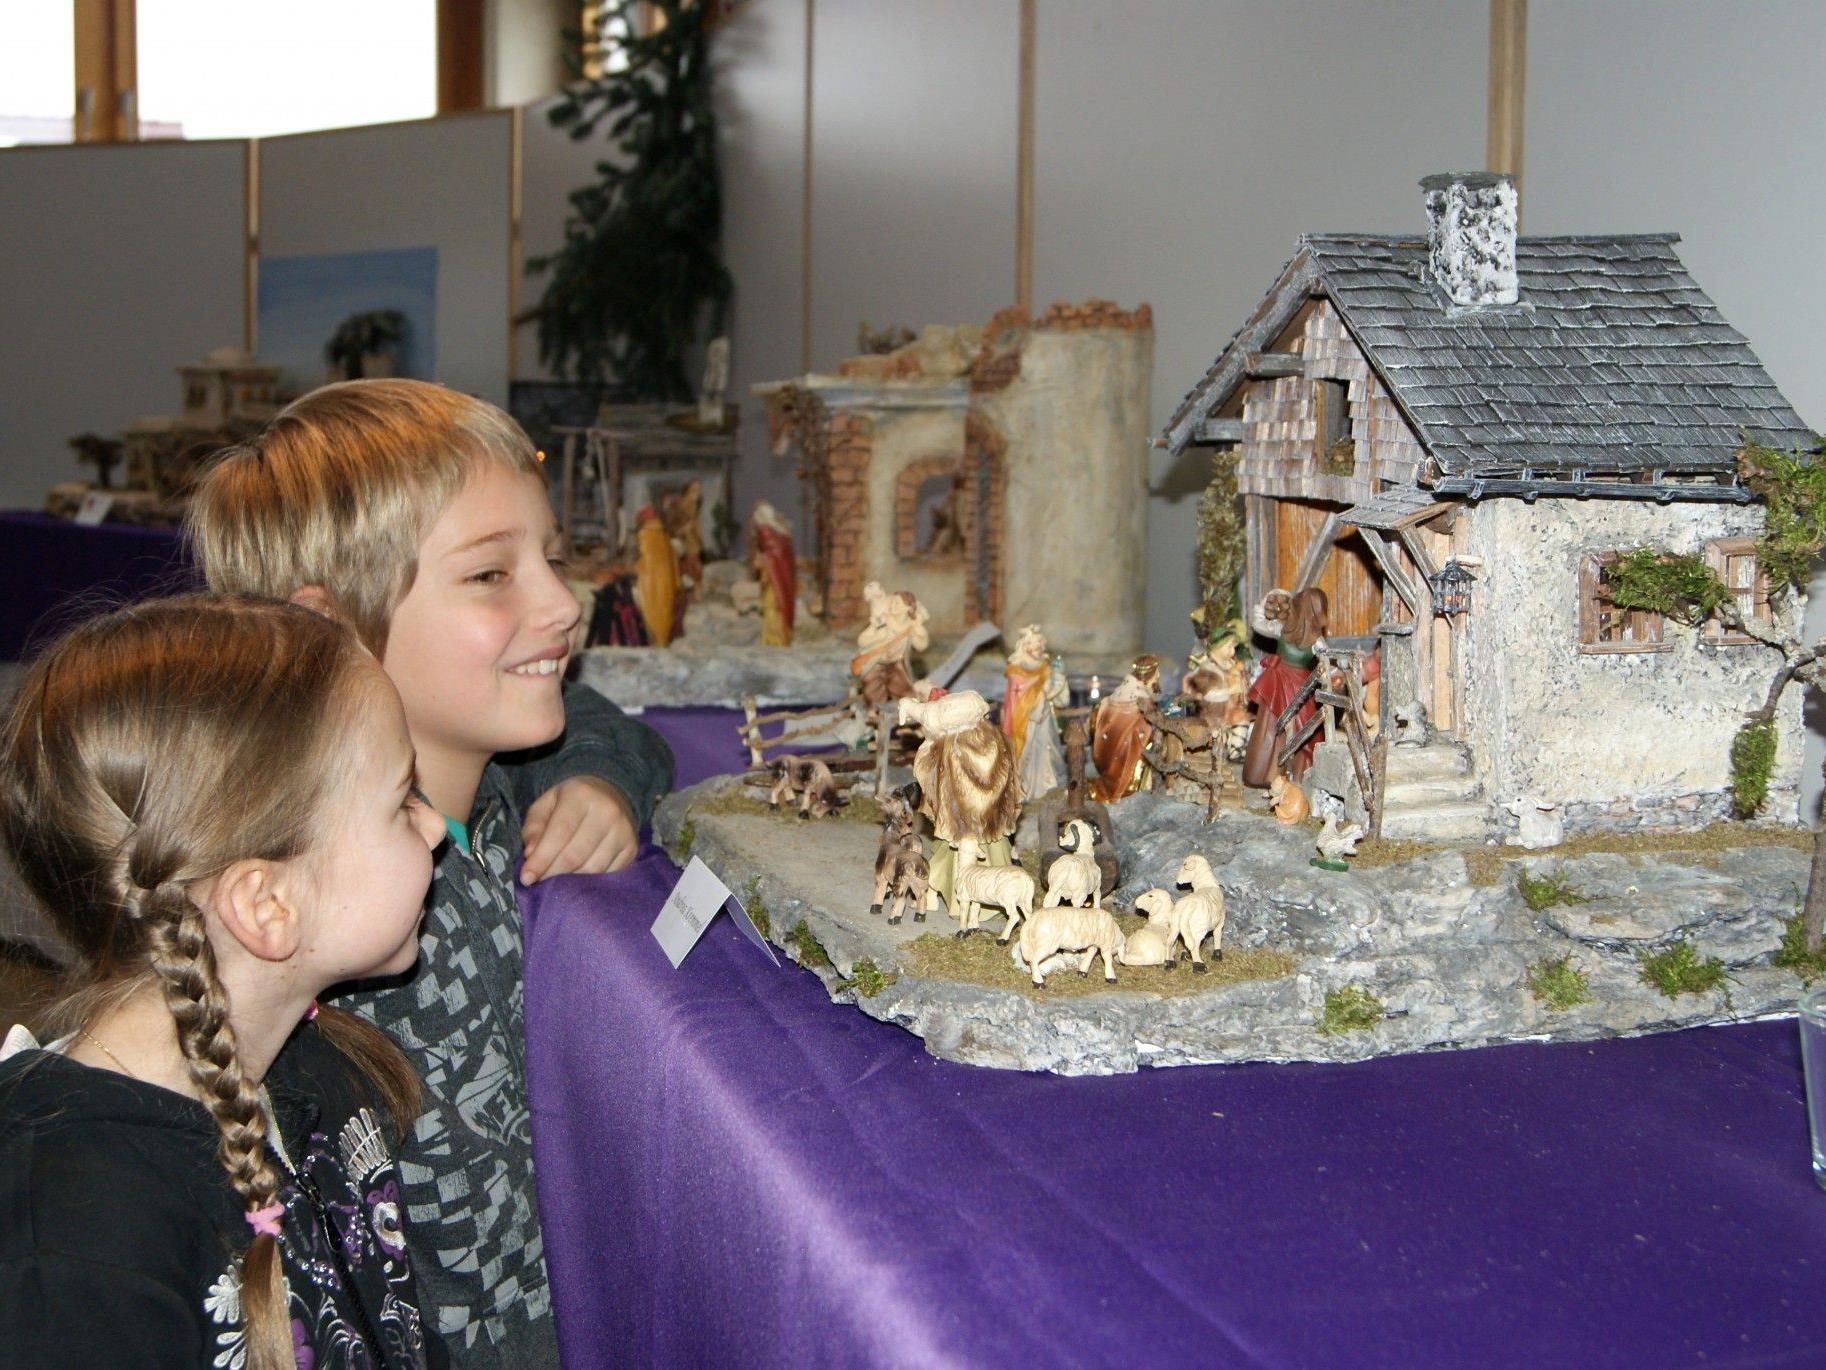 Selbst die Kinder fanden die einzelnen Krippen faszinierend.